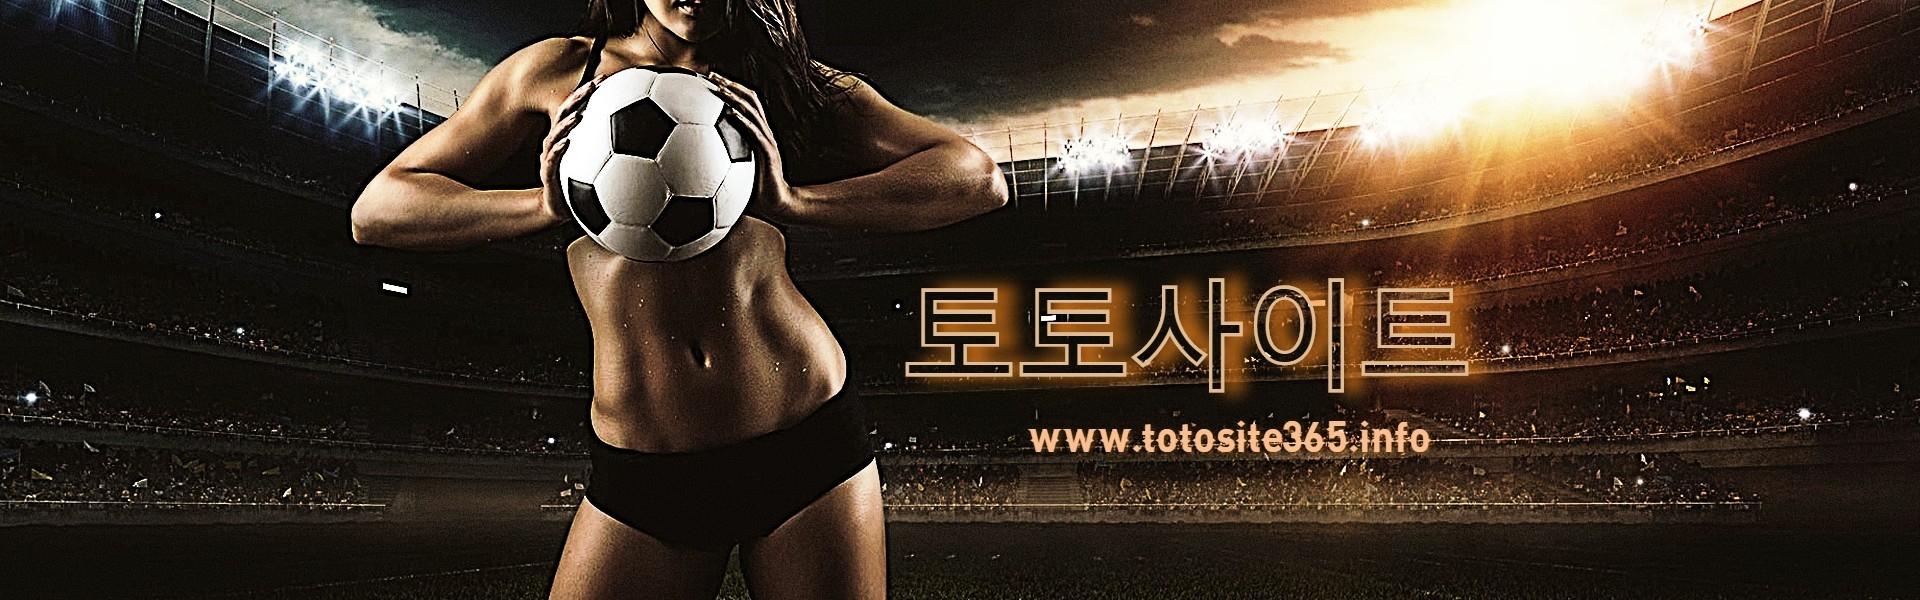 토토사이트 (@totosite365infosport) Cover Image